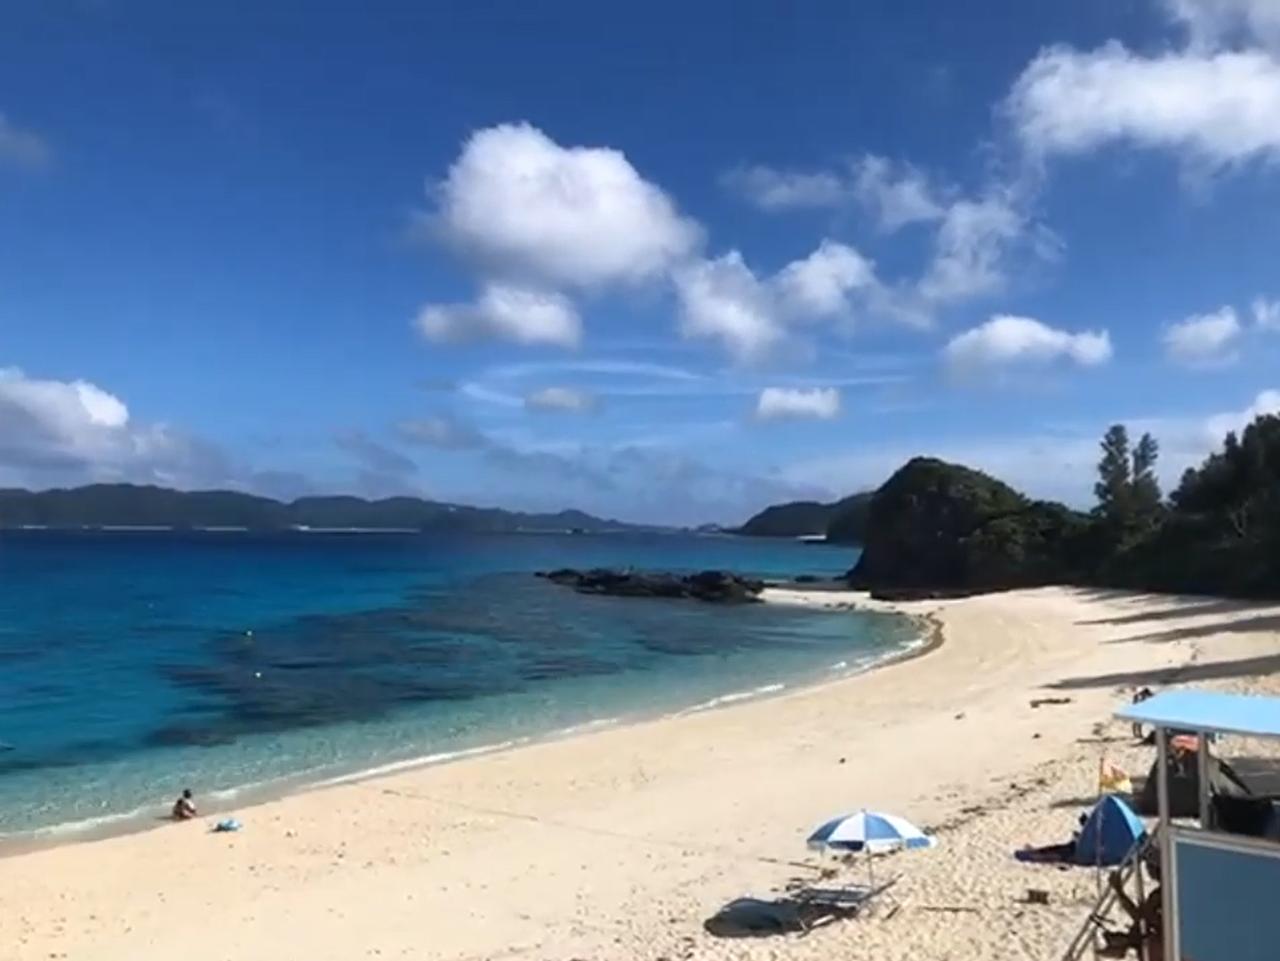 白い砂浜と透明度の高い海が美しい、沖縄・座間味(ざまみ)島の古座間味(ふるざまみ)ビーチ。水面が少し黒っぽくなっている所には、サンゴが生息しています。